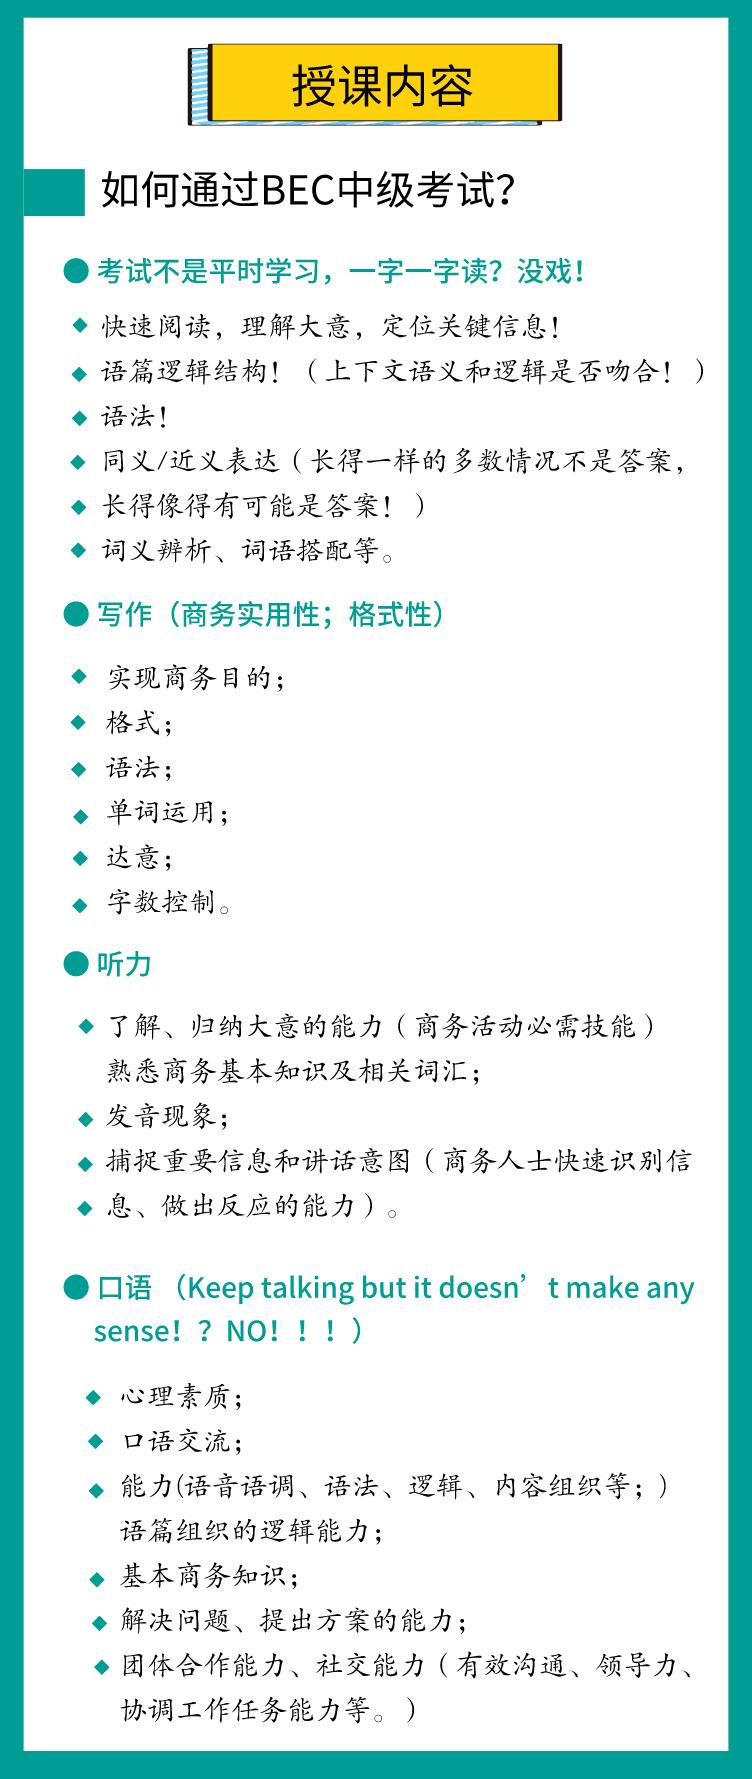 默认标题_自定义px_2020-10-22-0 (2).png